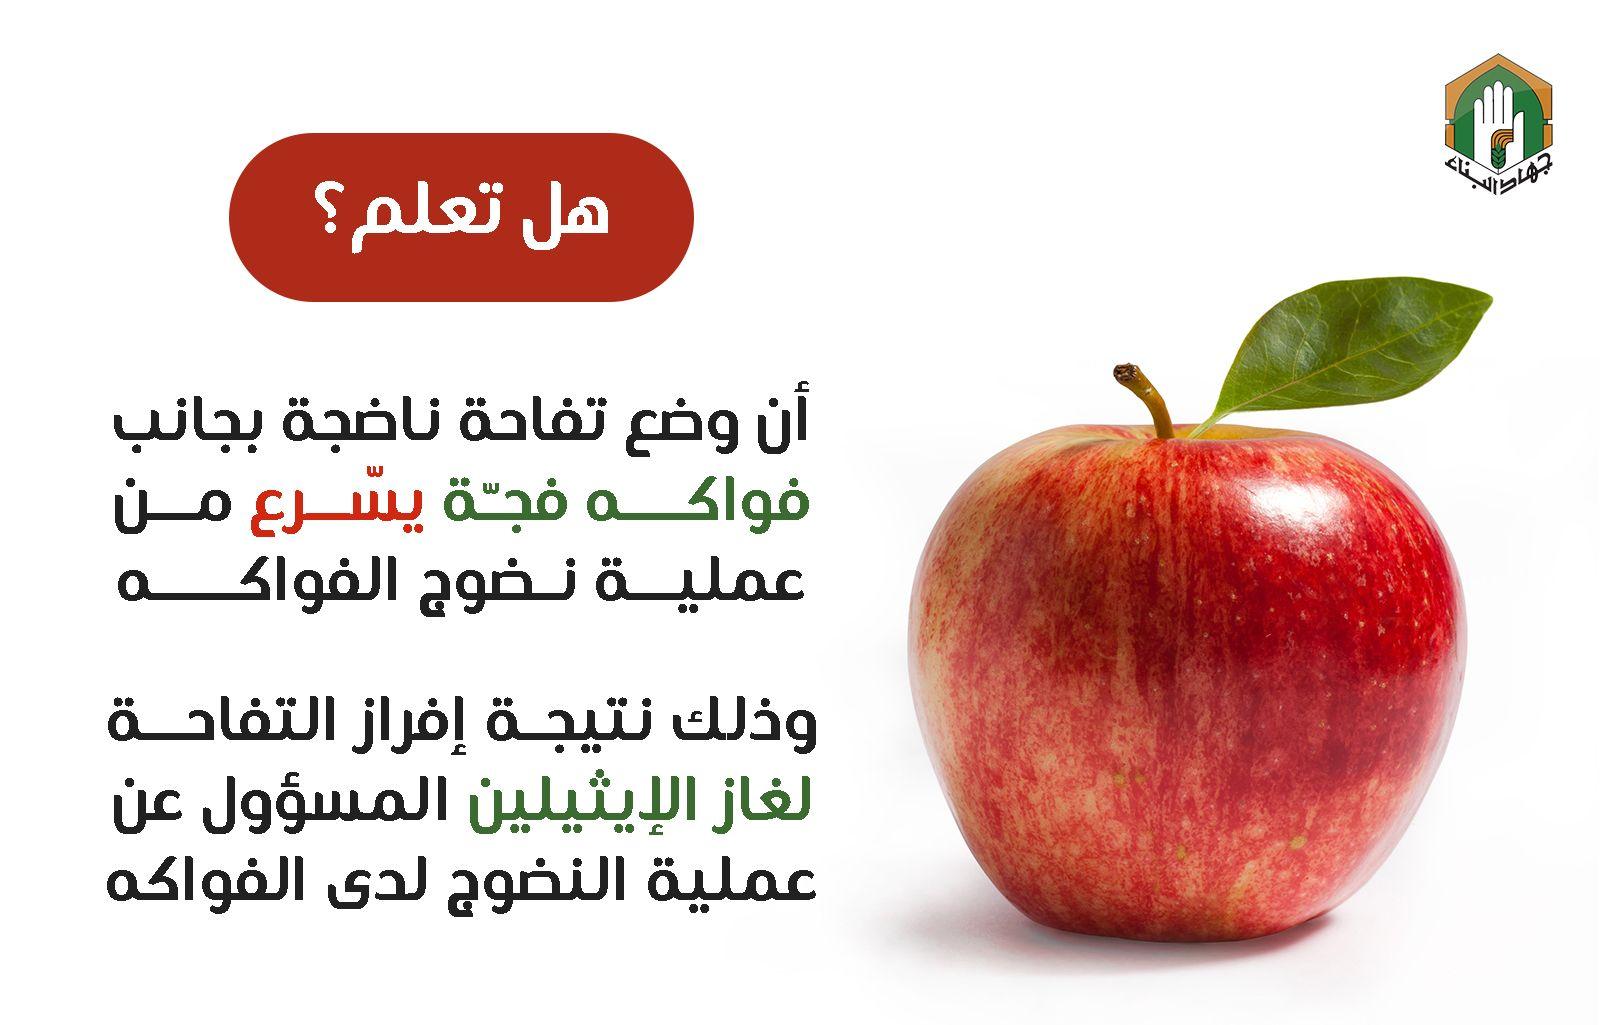 التفاح يساهم في نضوج الفواكه الفجة Fruit Apple Recipes